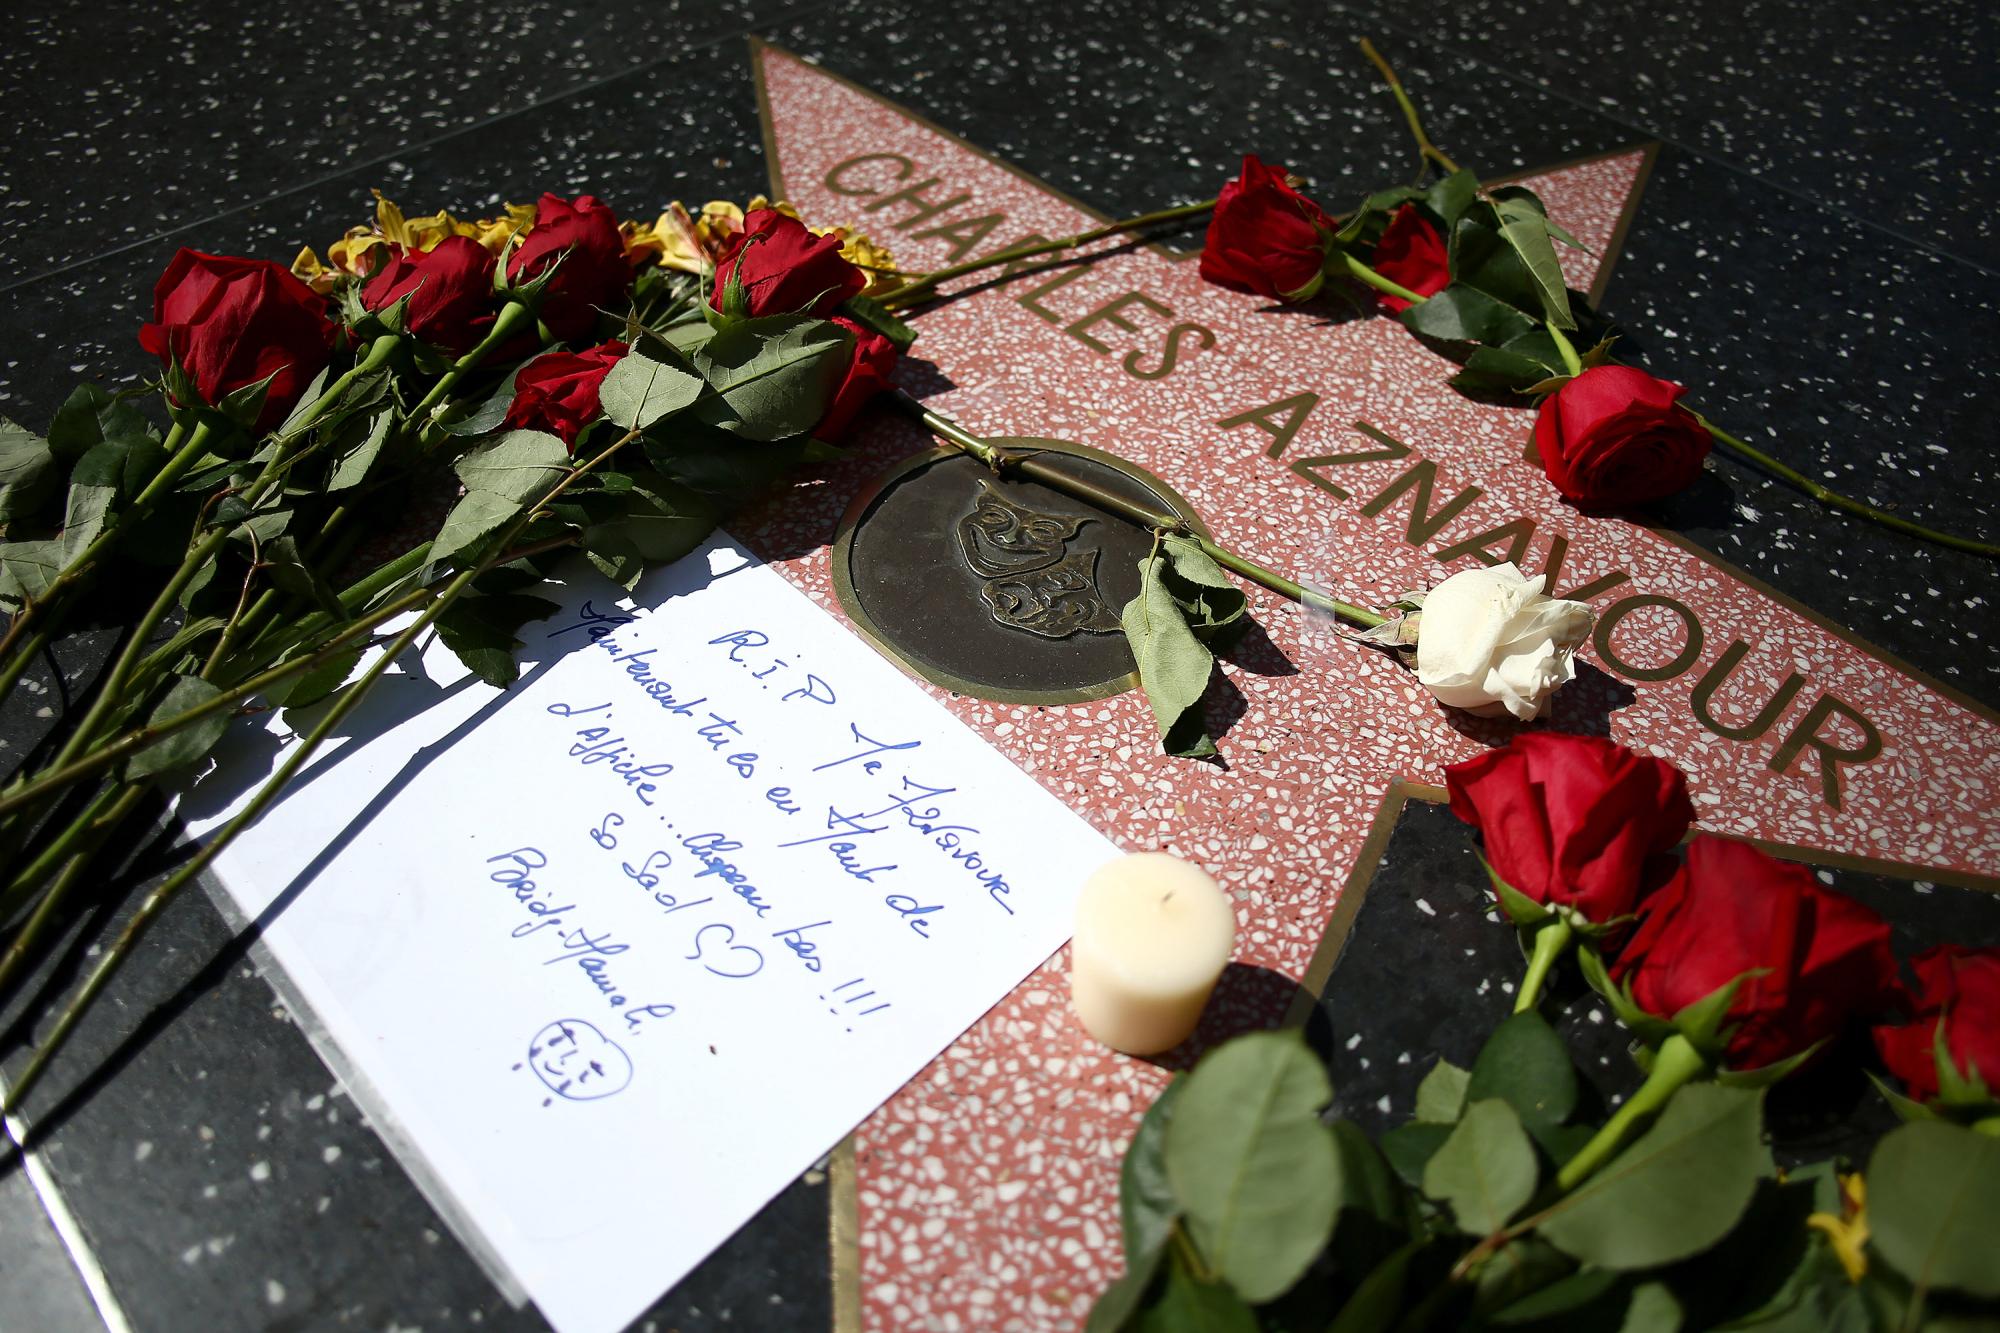 La estrella del cantante francés Charles Aznavour en el Paseo de la Fama en Hollywood el 1 de octubre de 2018